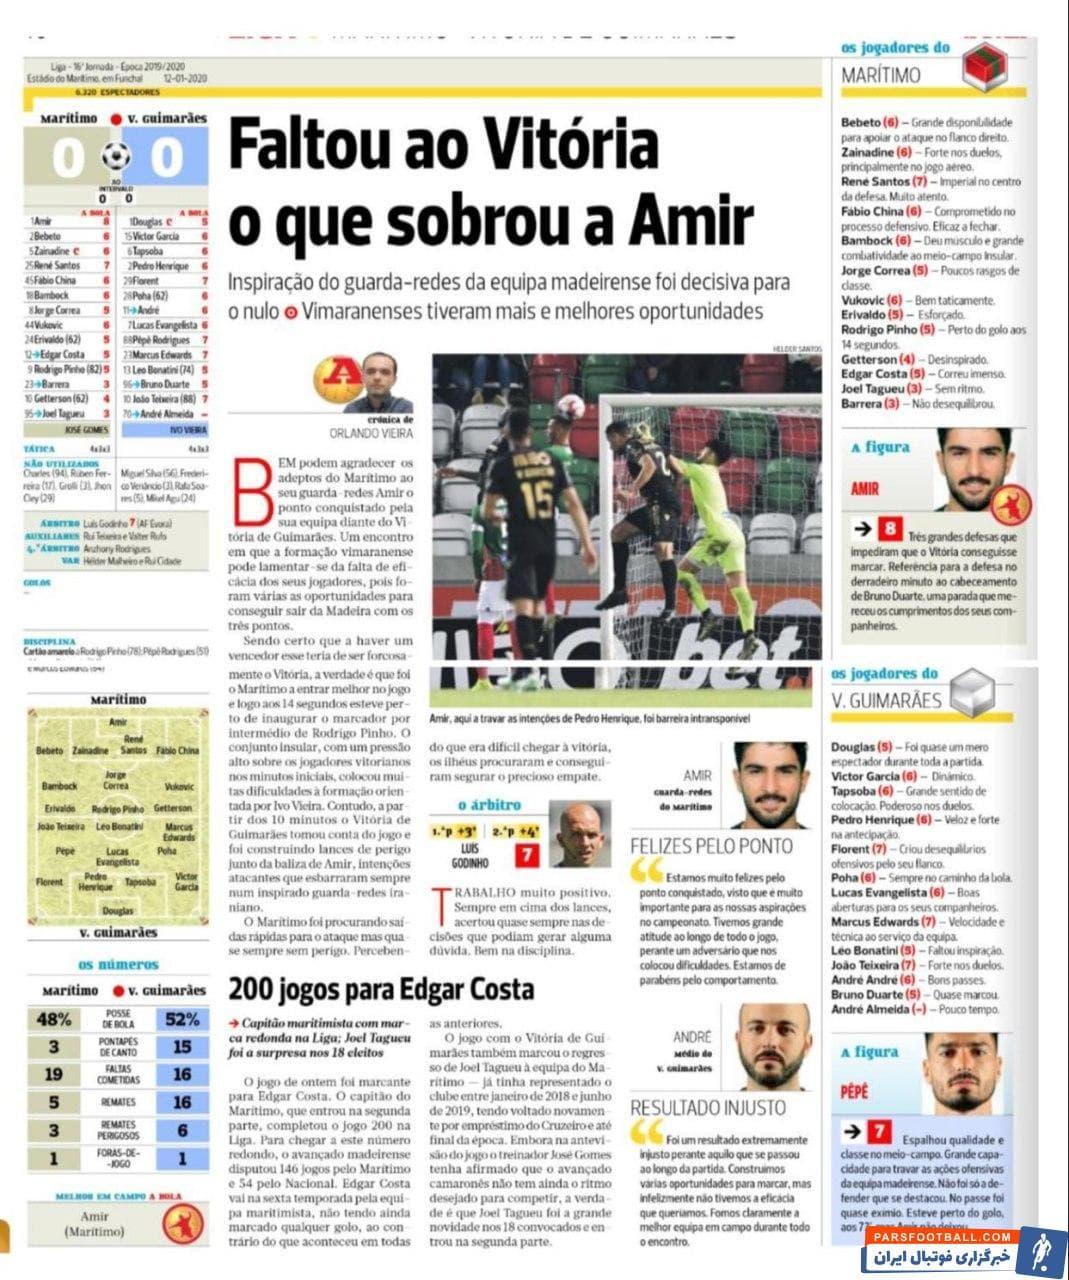 عملکرد خوب امیرعابدزاده در بازی هفته شانزدهم رقابت های لیگ فوتبال پرتغال باعث شد تا رسانه های مختلف به تمجید از عابدزاده بپردازند.